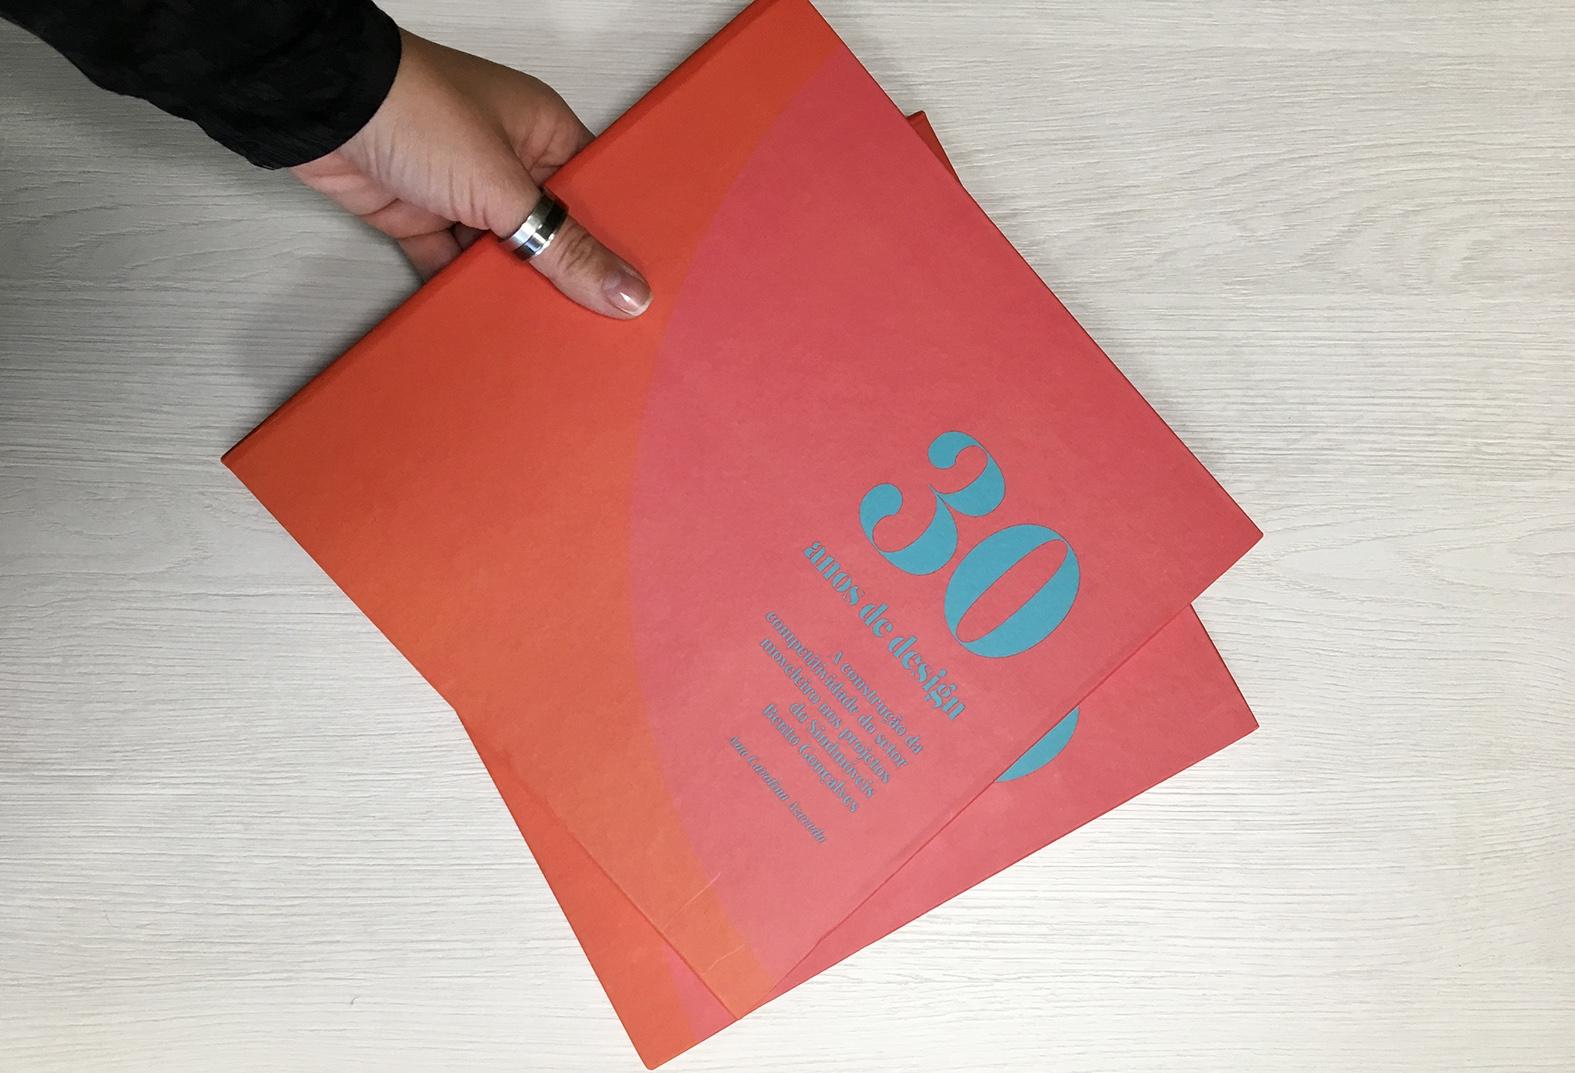 Sindmóveis lança livro sobre os 30 anos de seus projetos em design